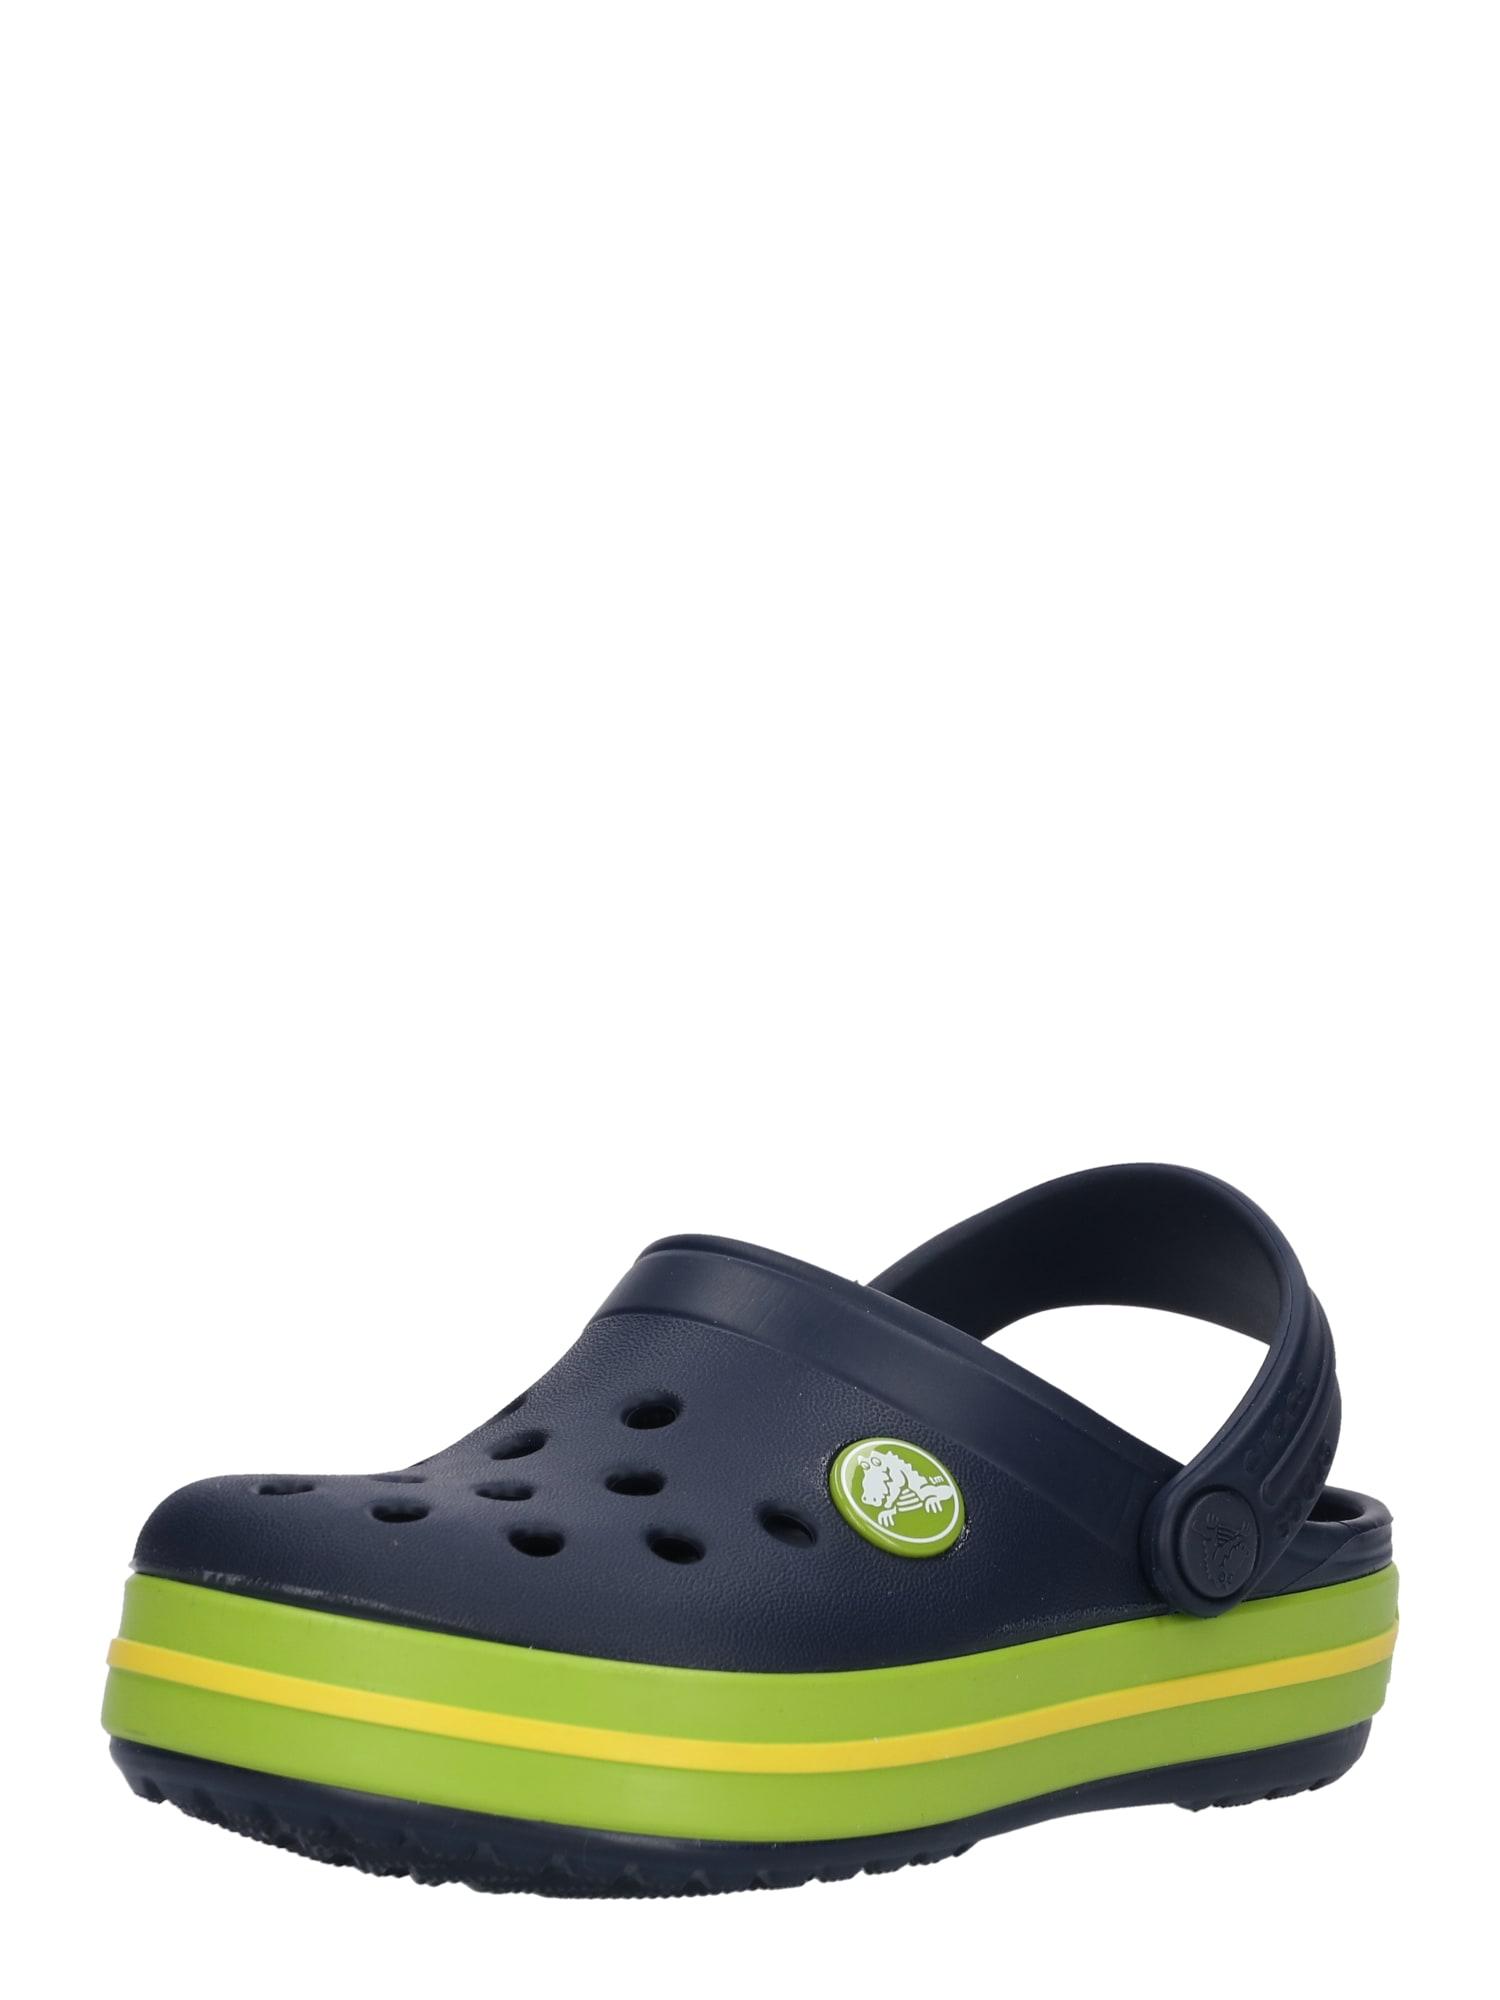 Polobotky Crocband noční modrá zelená Crocs